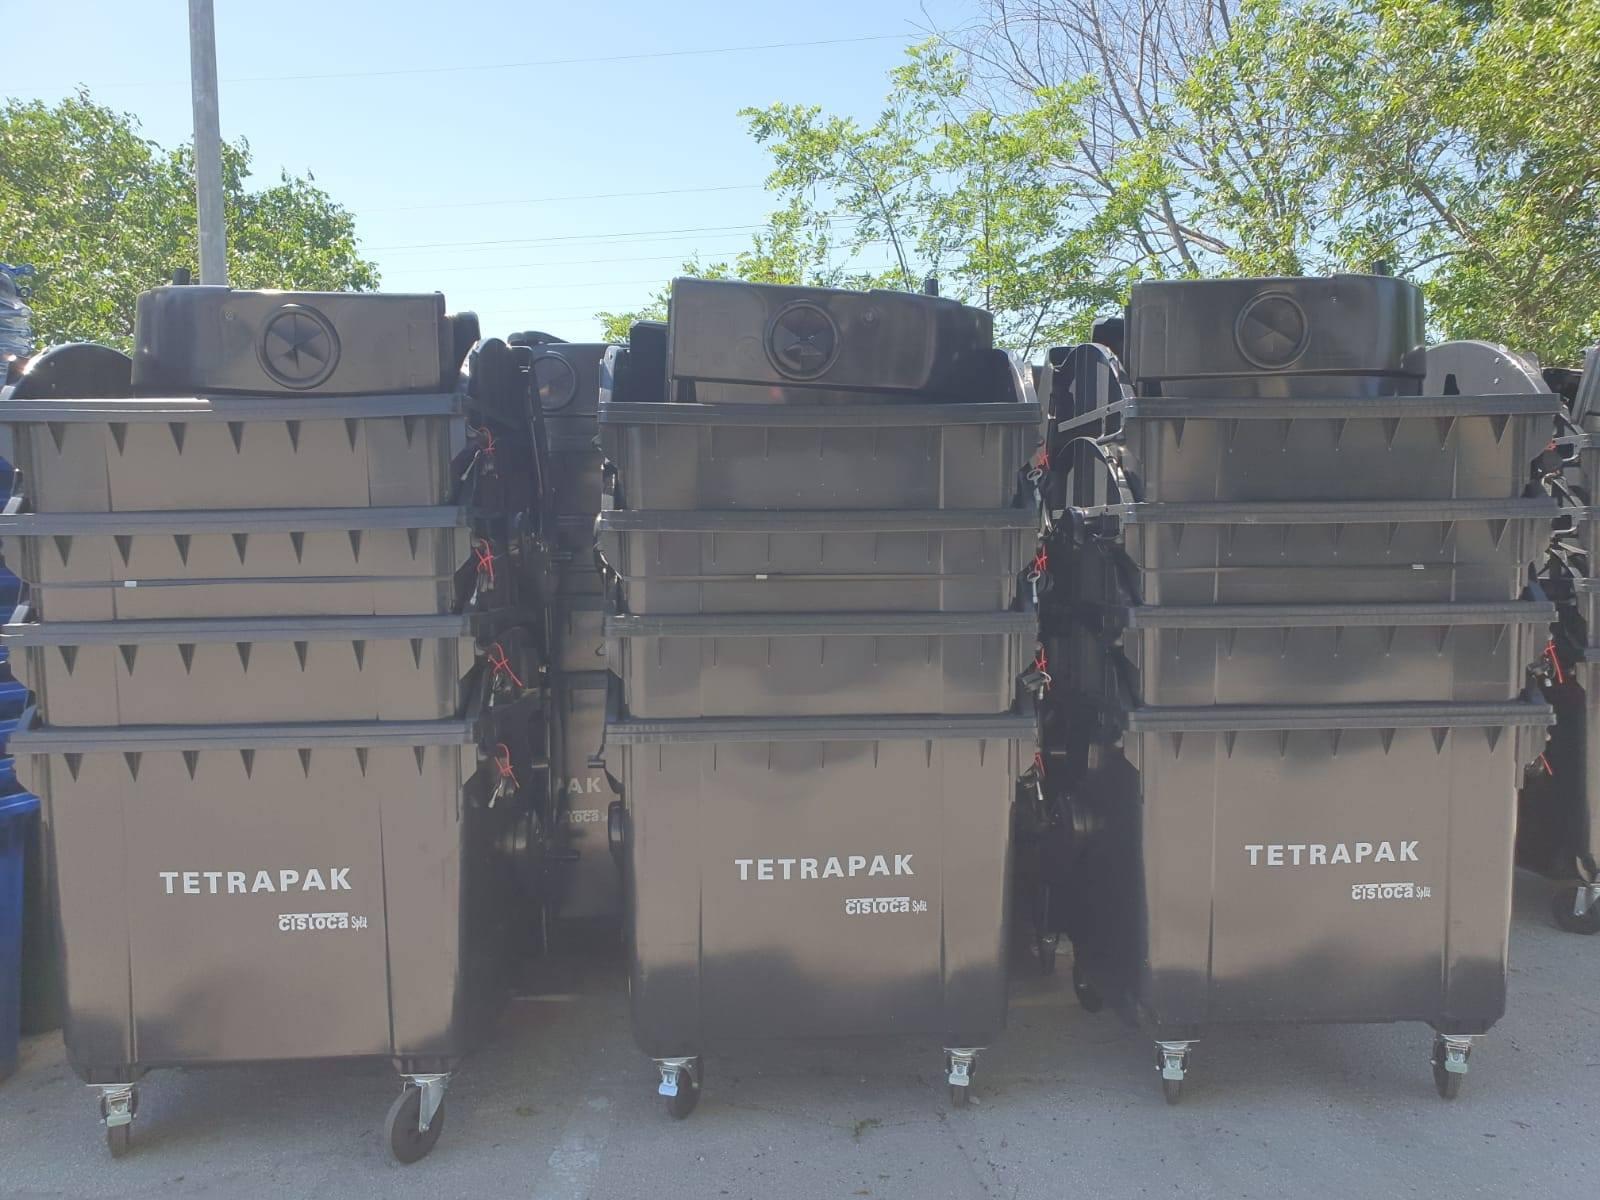 Novi spremnici za tetrapak na ulicama Grada Splita